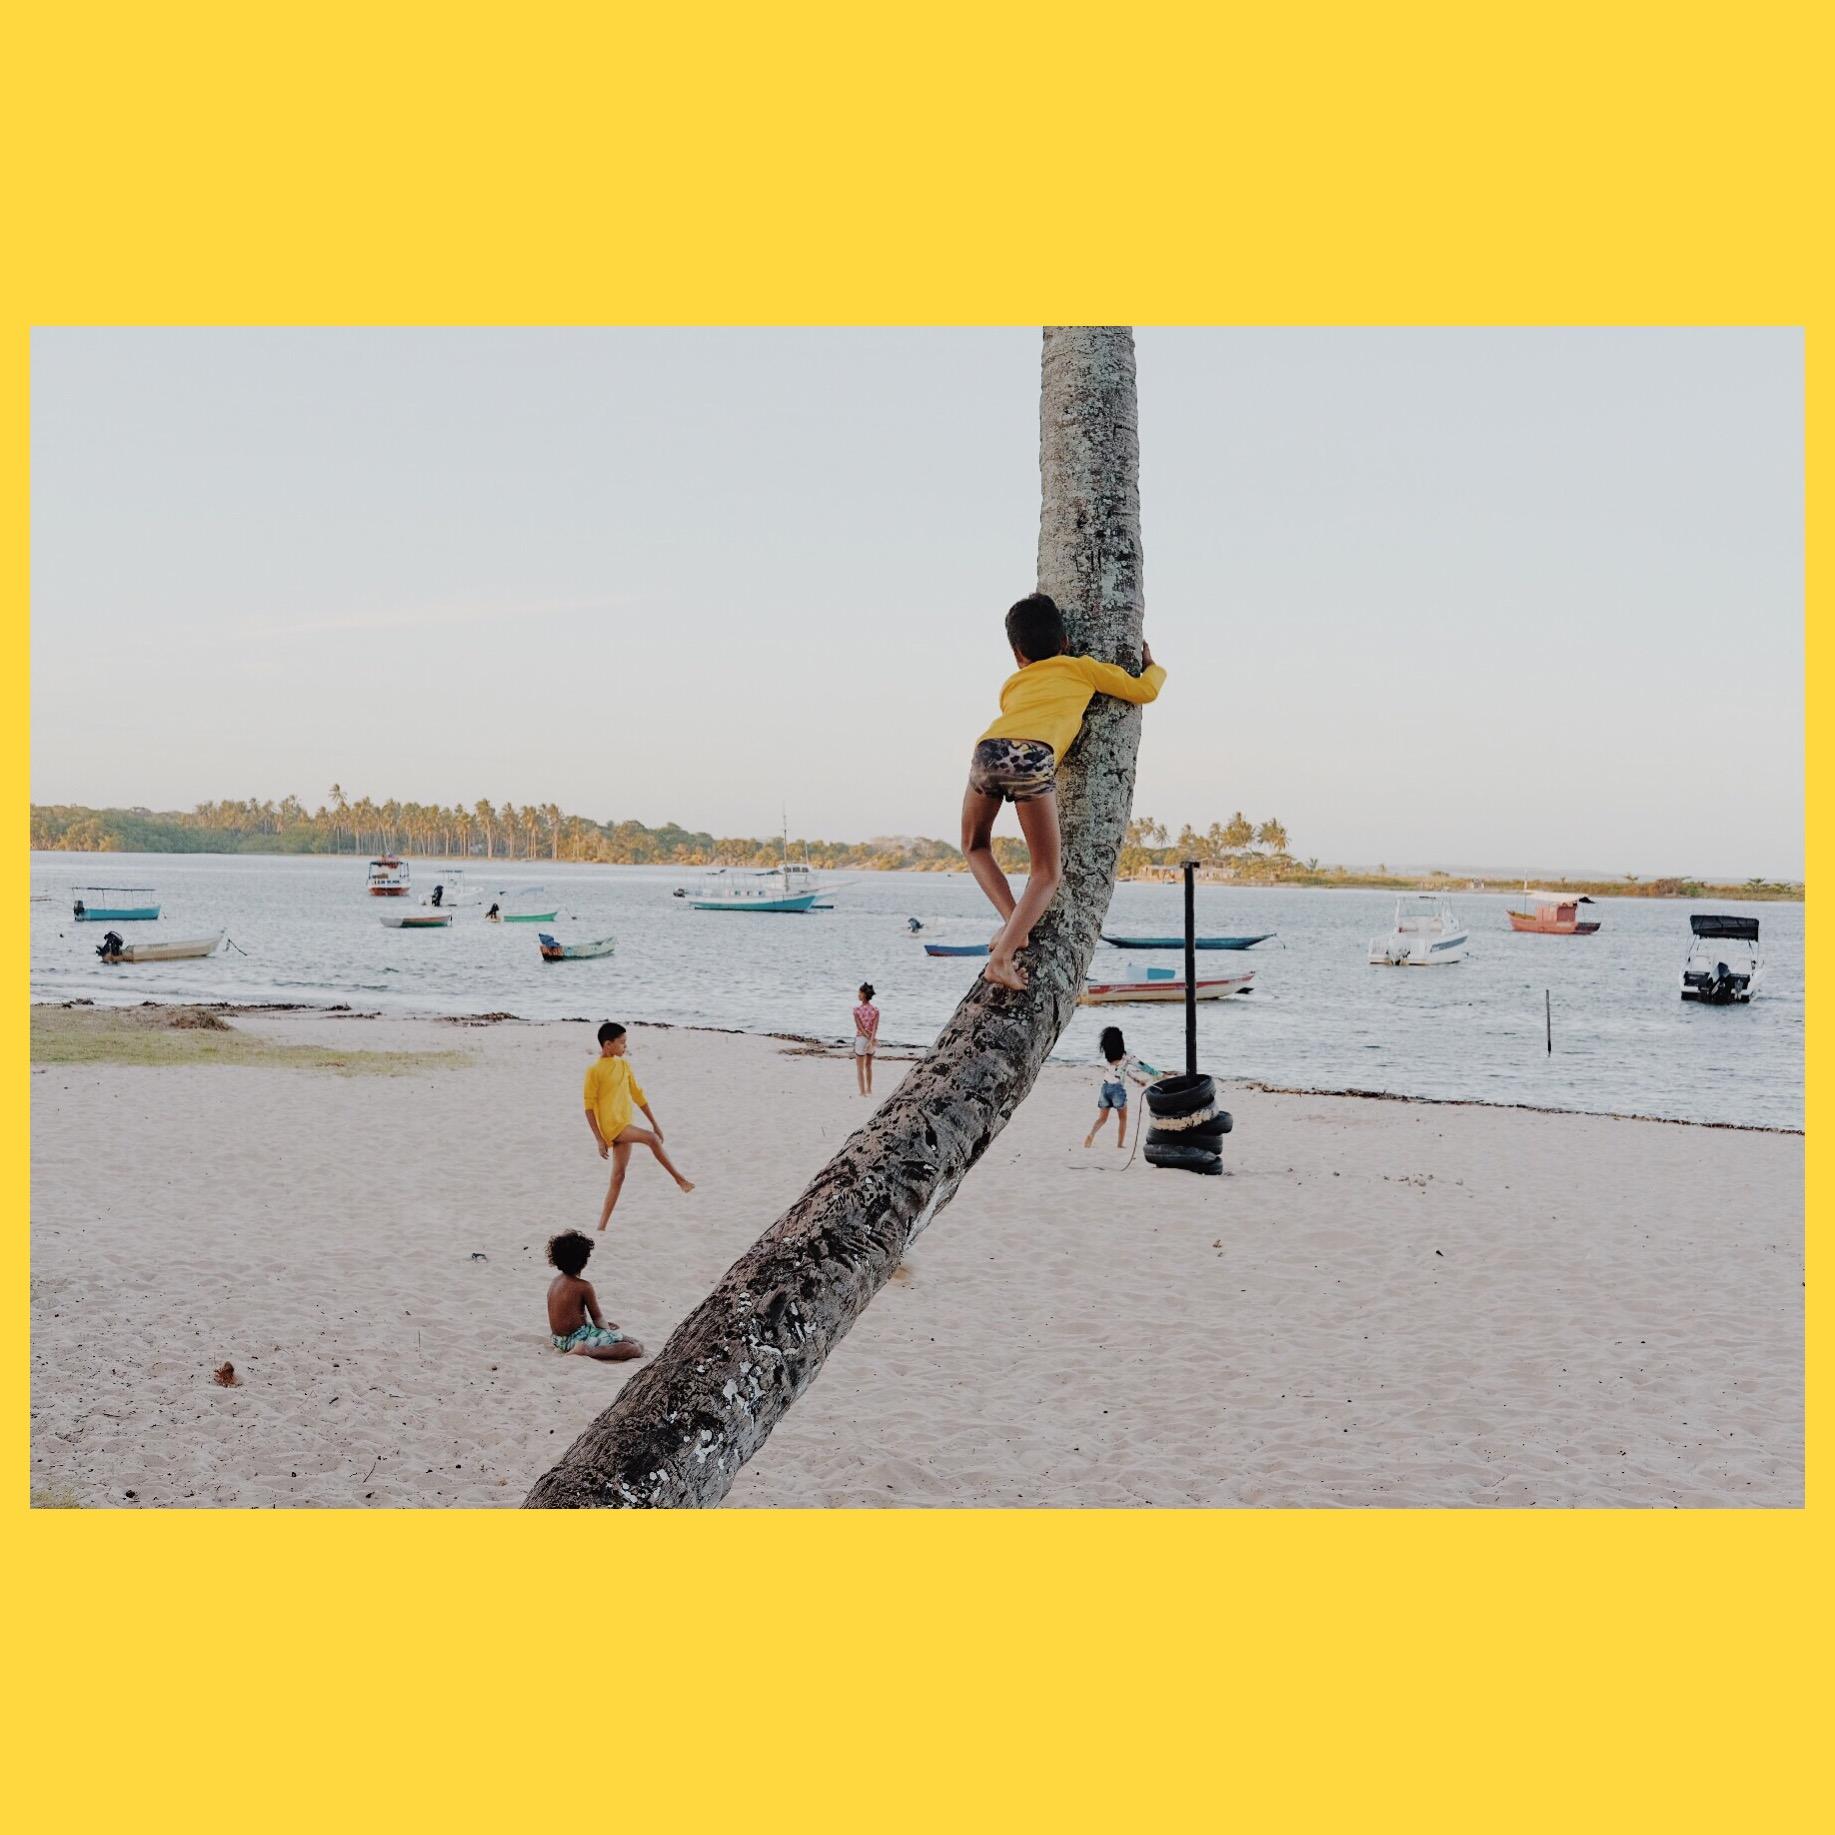 """Children play at """"Coroinha beach"""", Itacaré"""